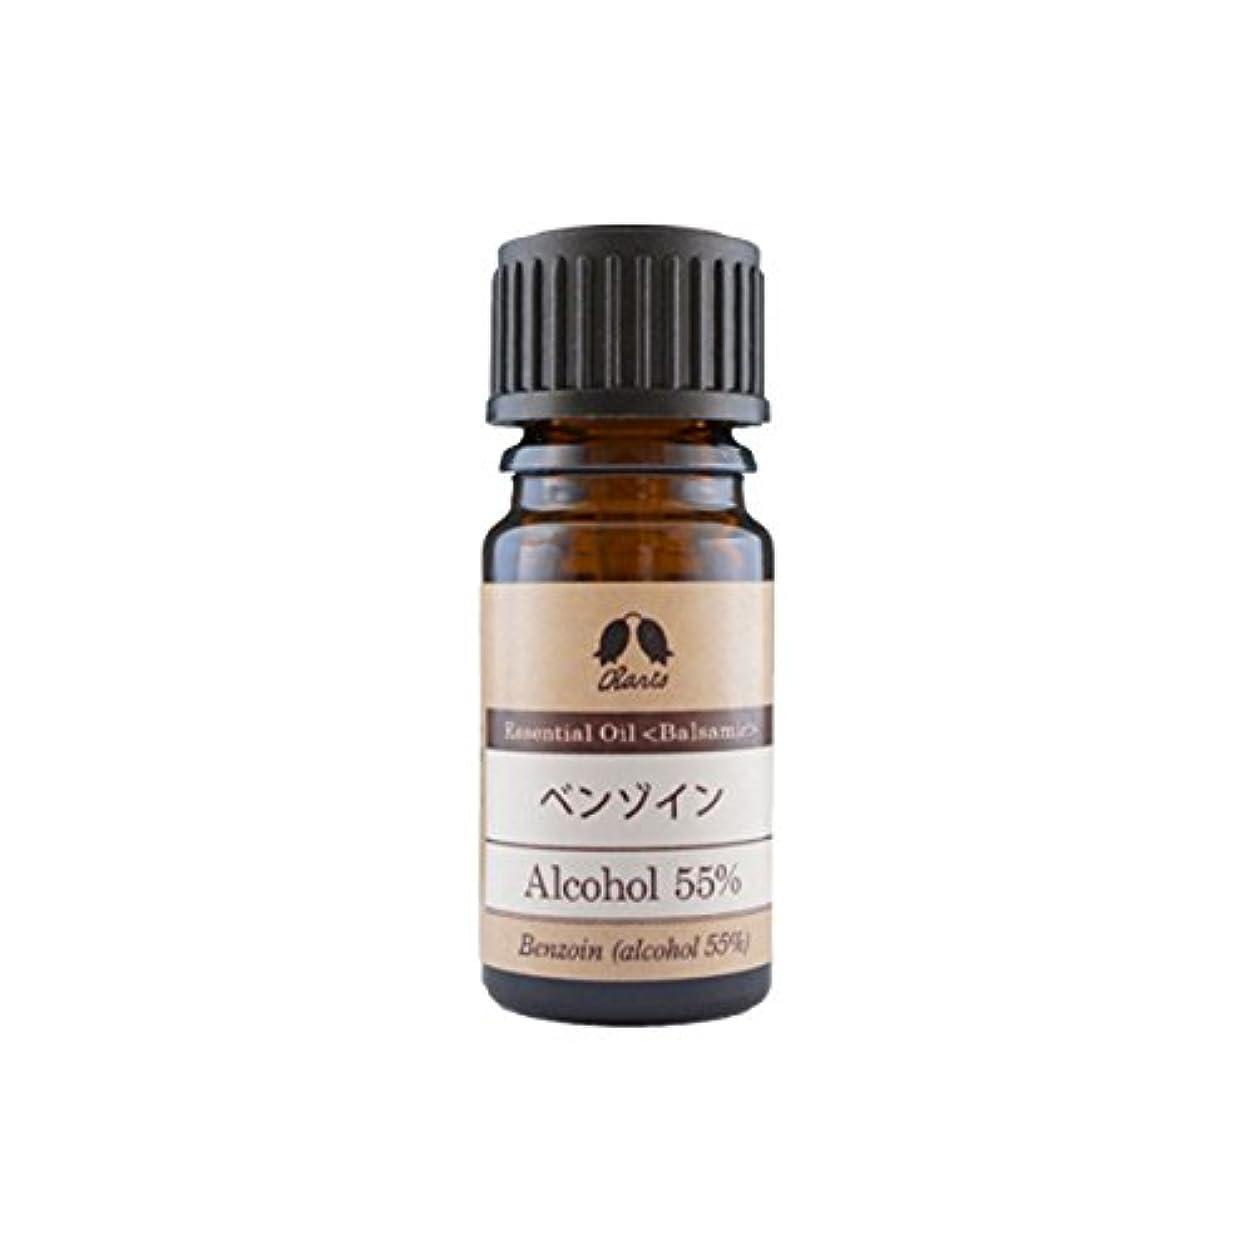 暗くするサンダーポークカリス エッセンシャルオイル ベンゾイン (アルコール55%) オイル 5ml